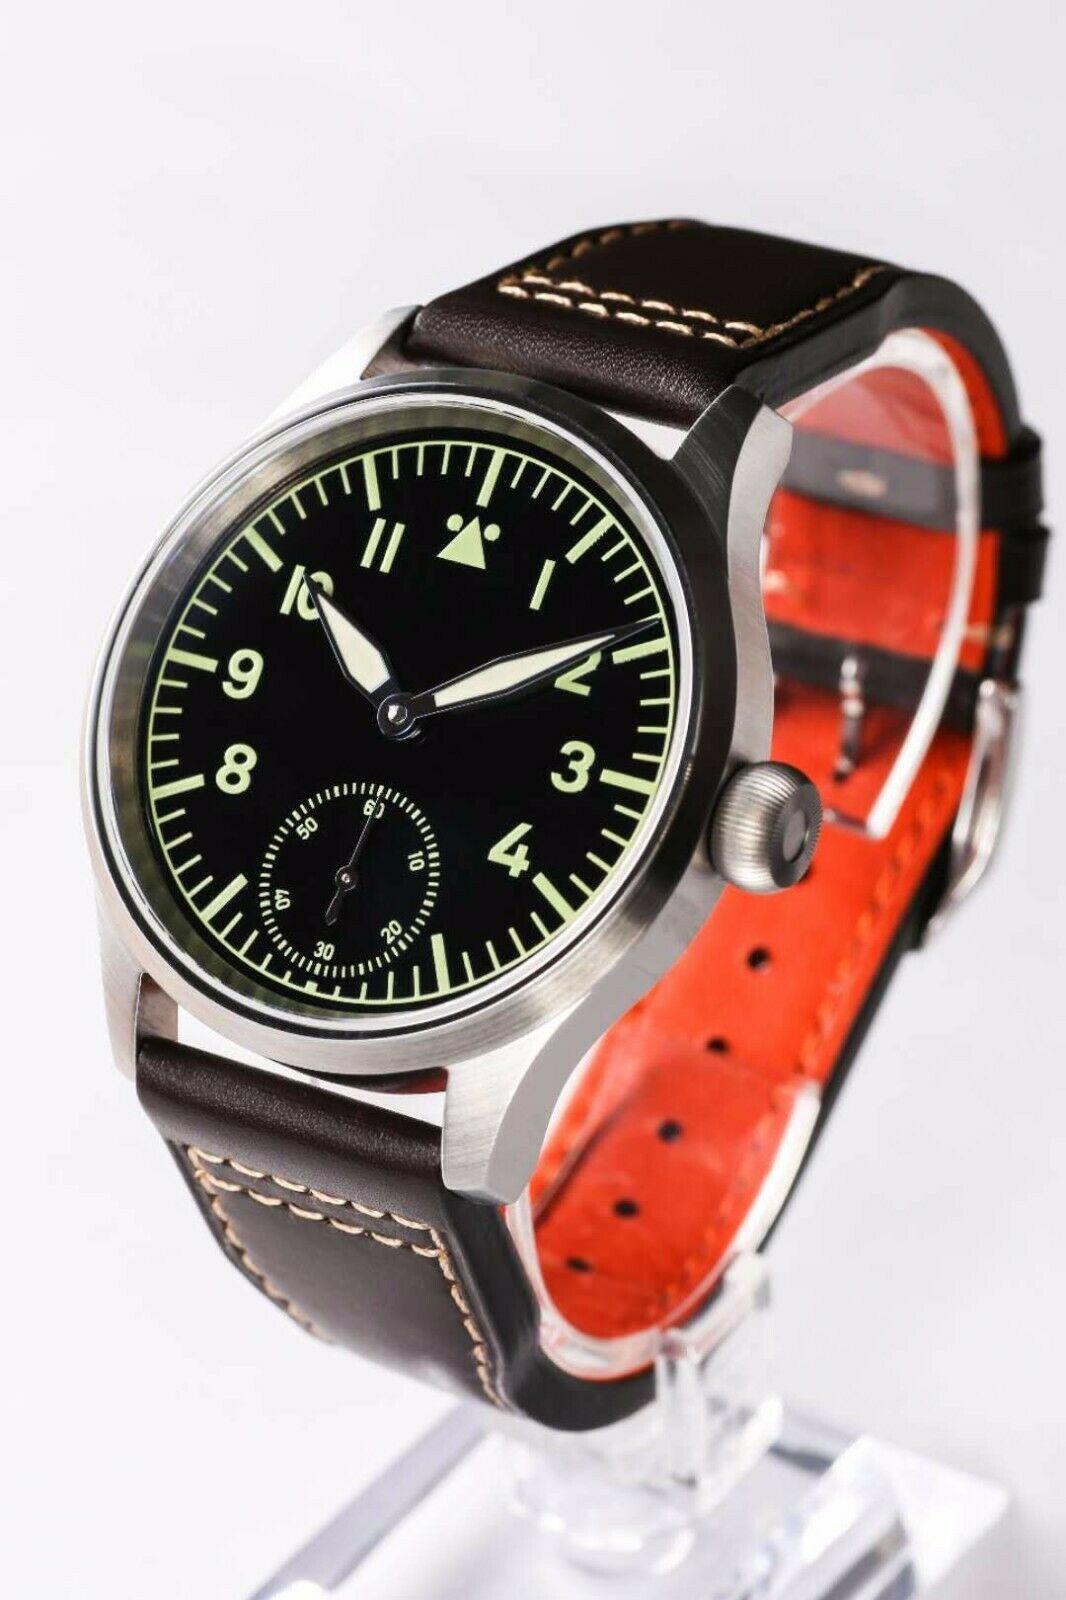 Eta6497 B-Uhr Flieger Pilot Watch Mens hand winding  Heat BLue handsEta6497 B-Uhr Flieger Pilot Watch Mens hand winding  Heat BLue hands